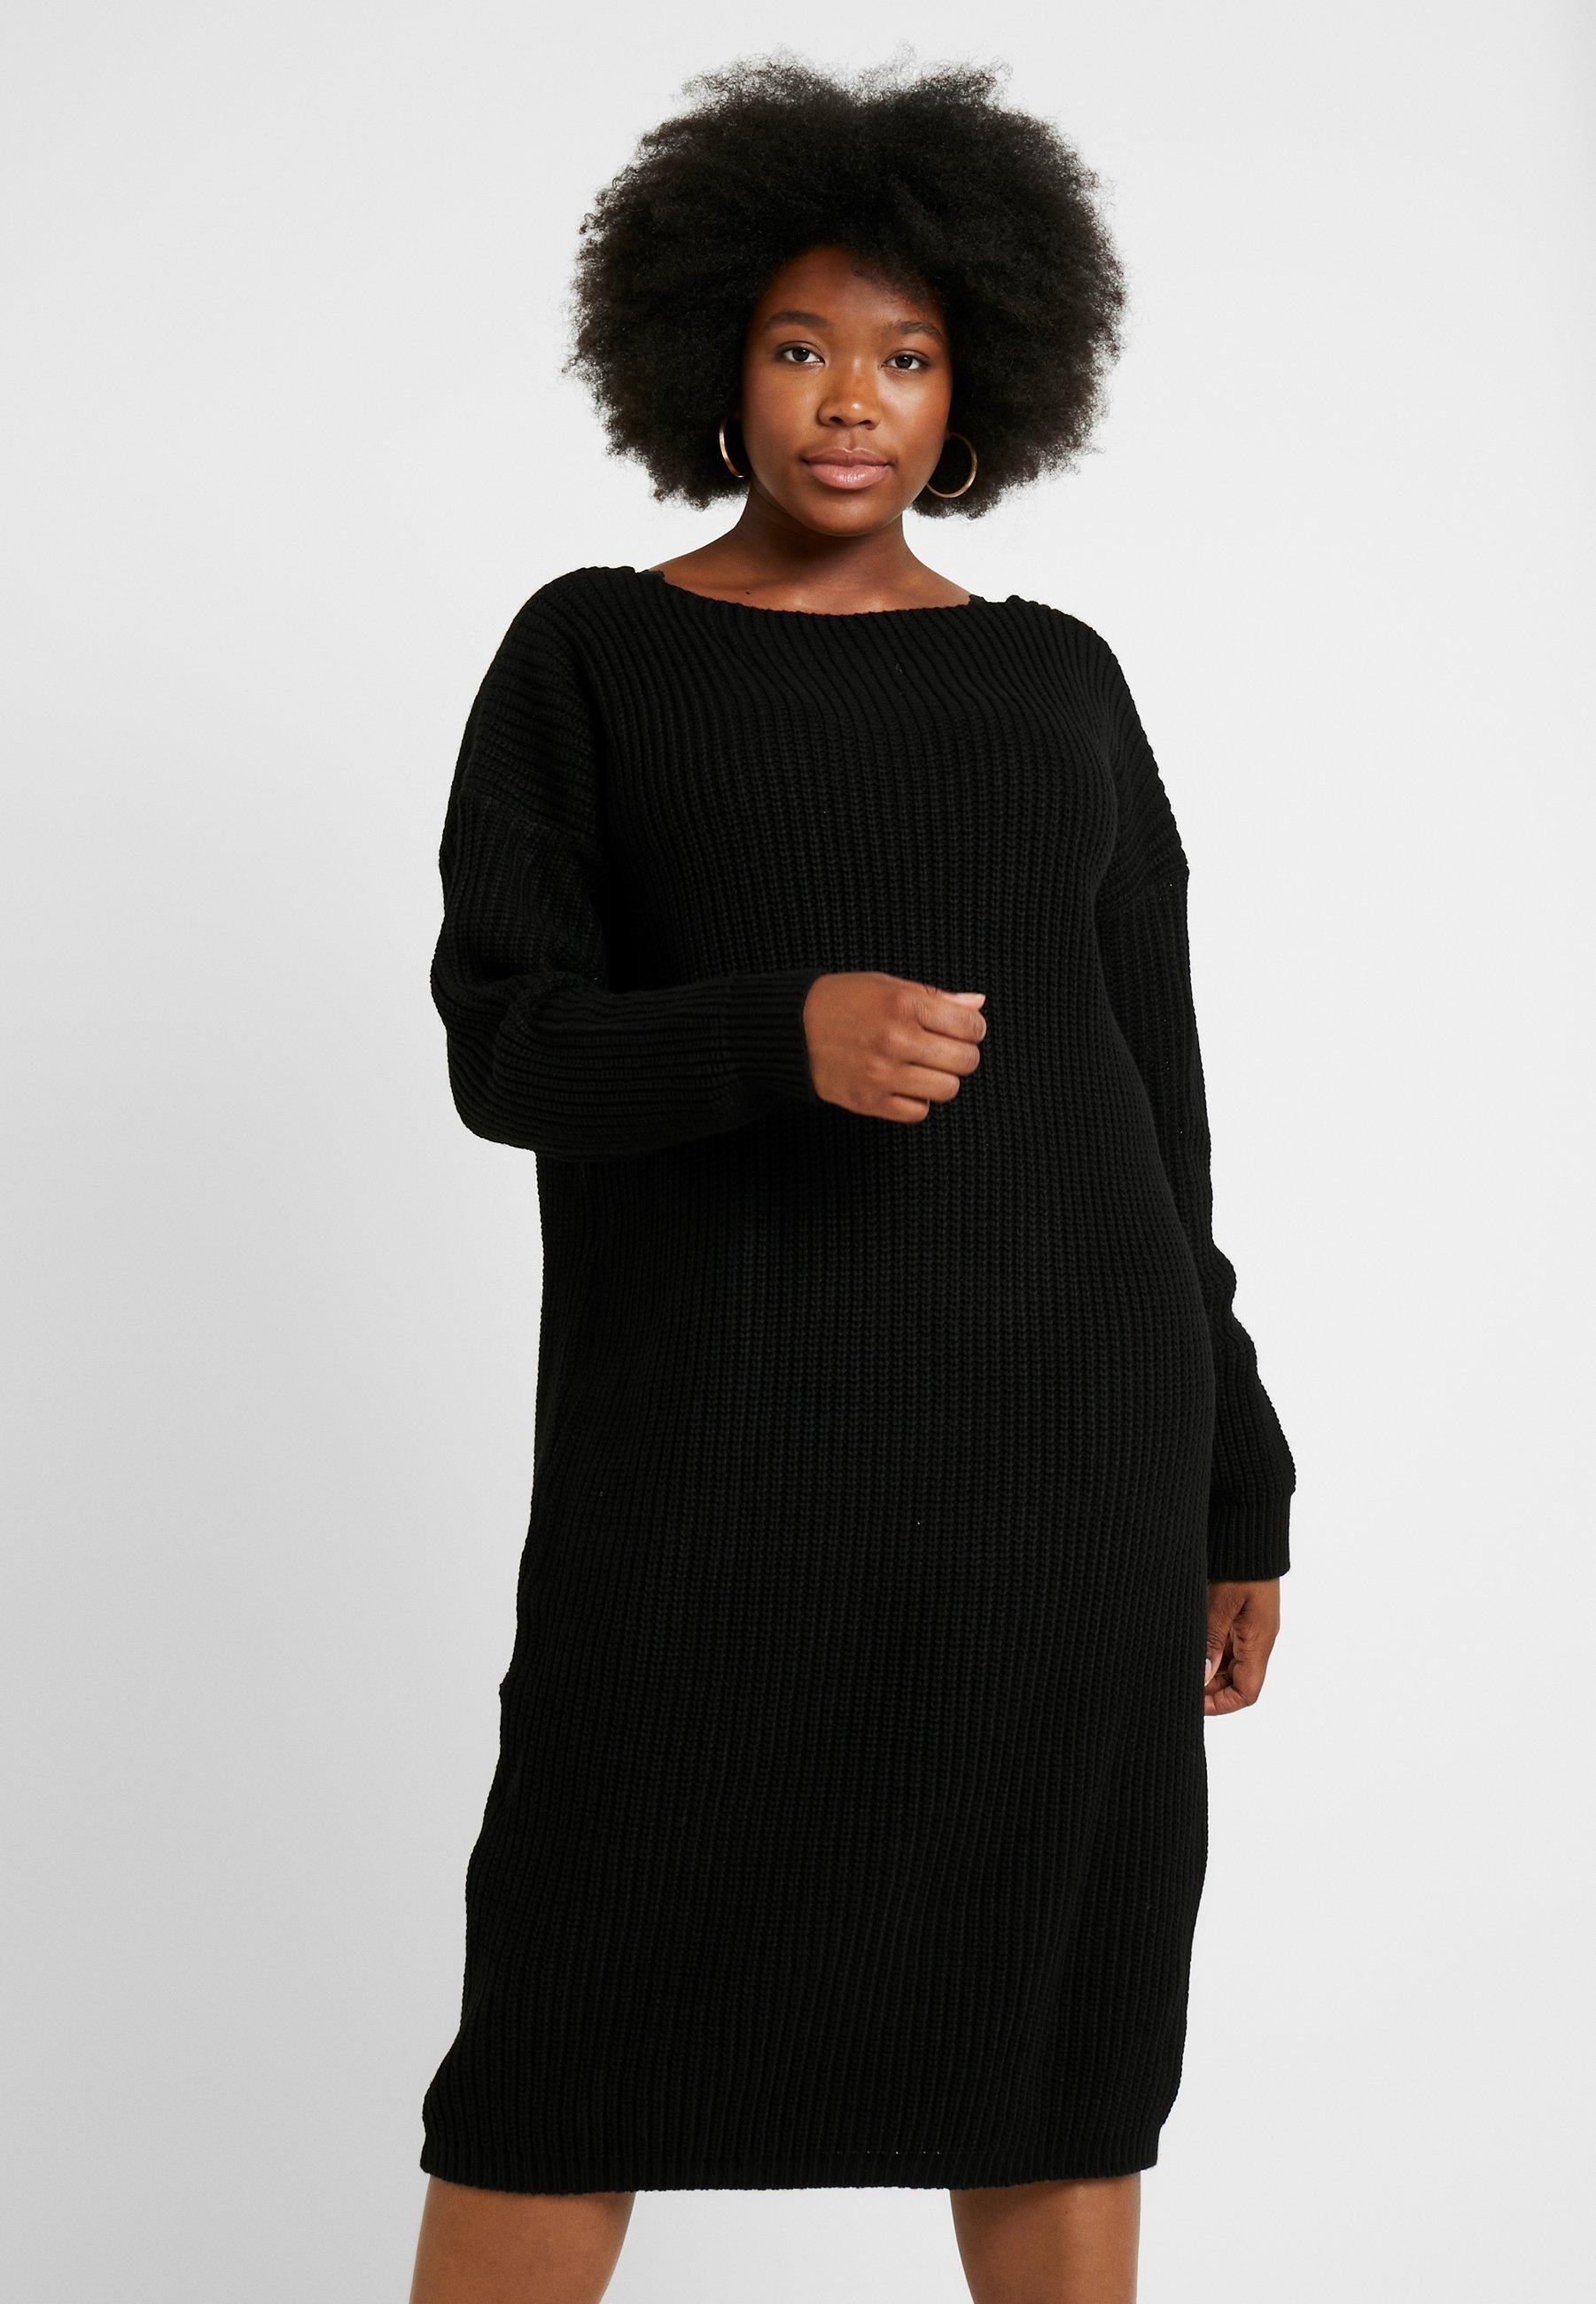 Femme OPEN BACK INSERT DRESS - Robe pull